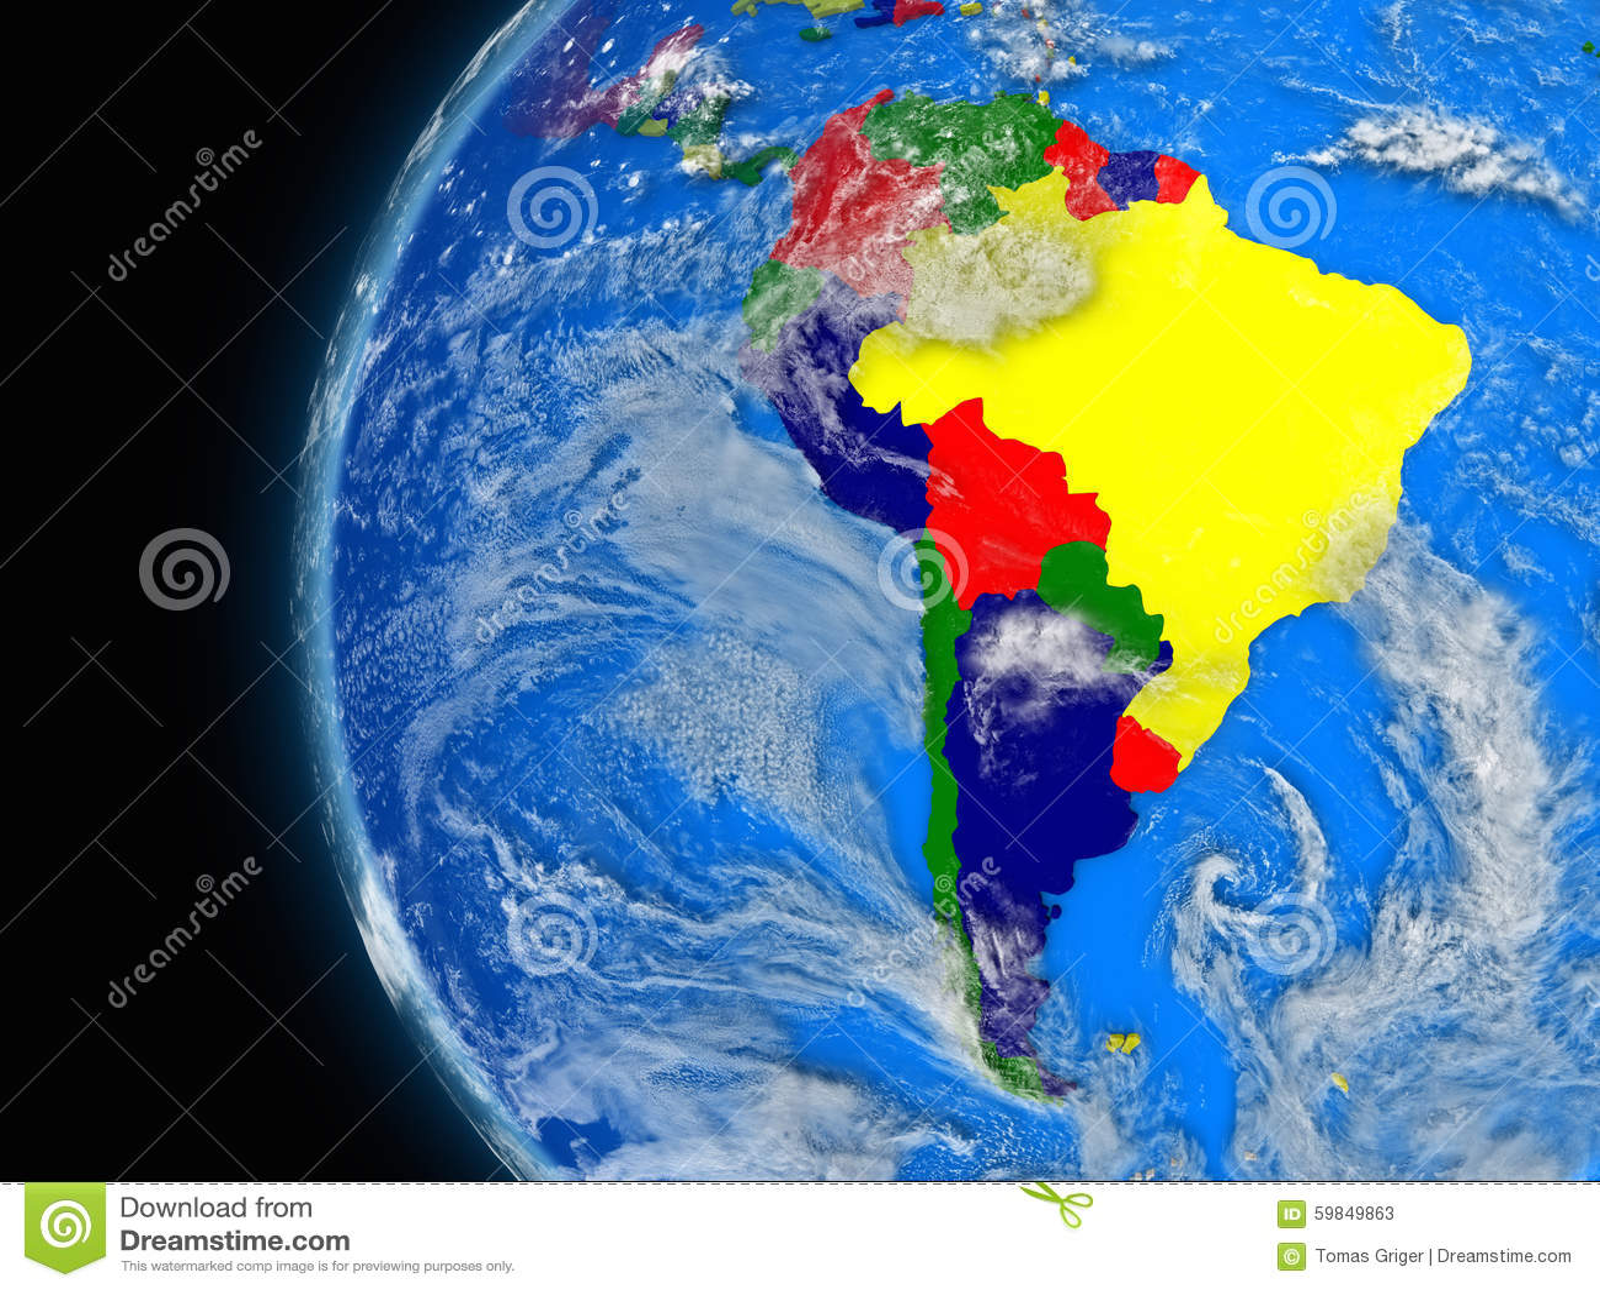 Forgetten dreams continente americano 9